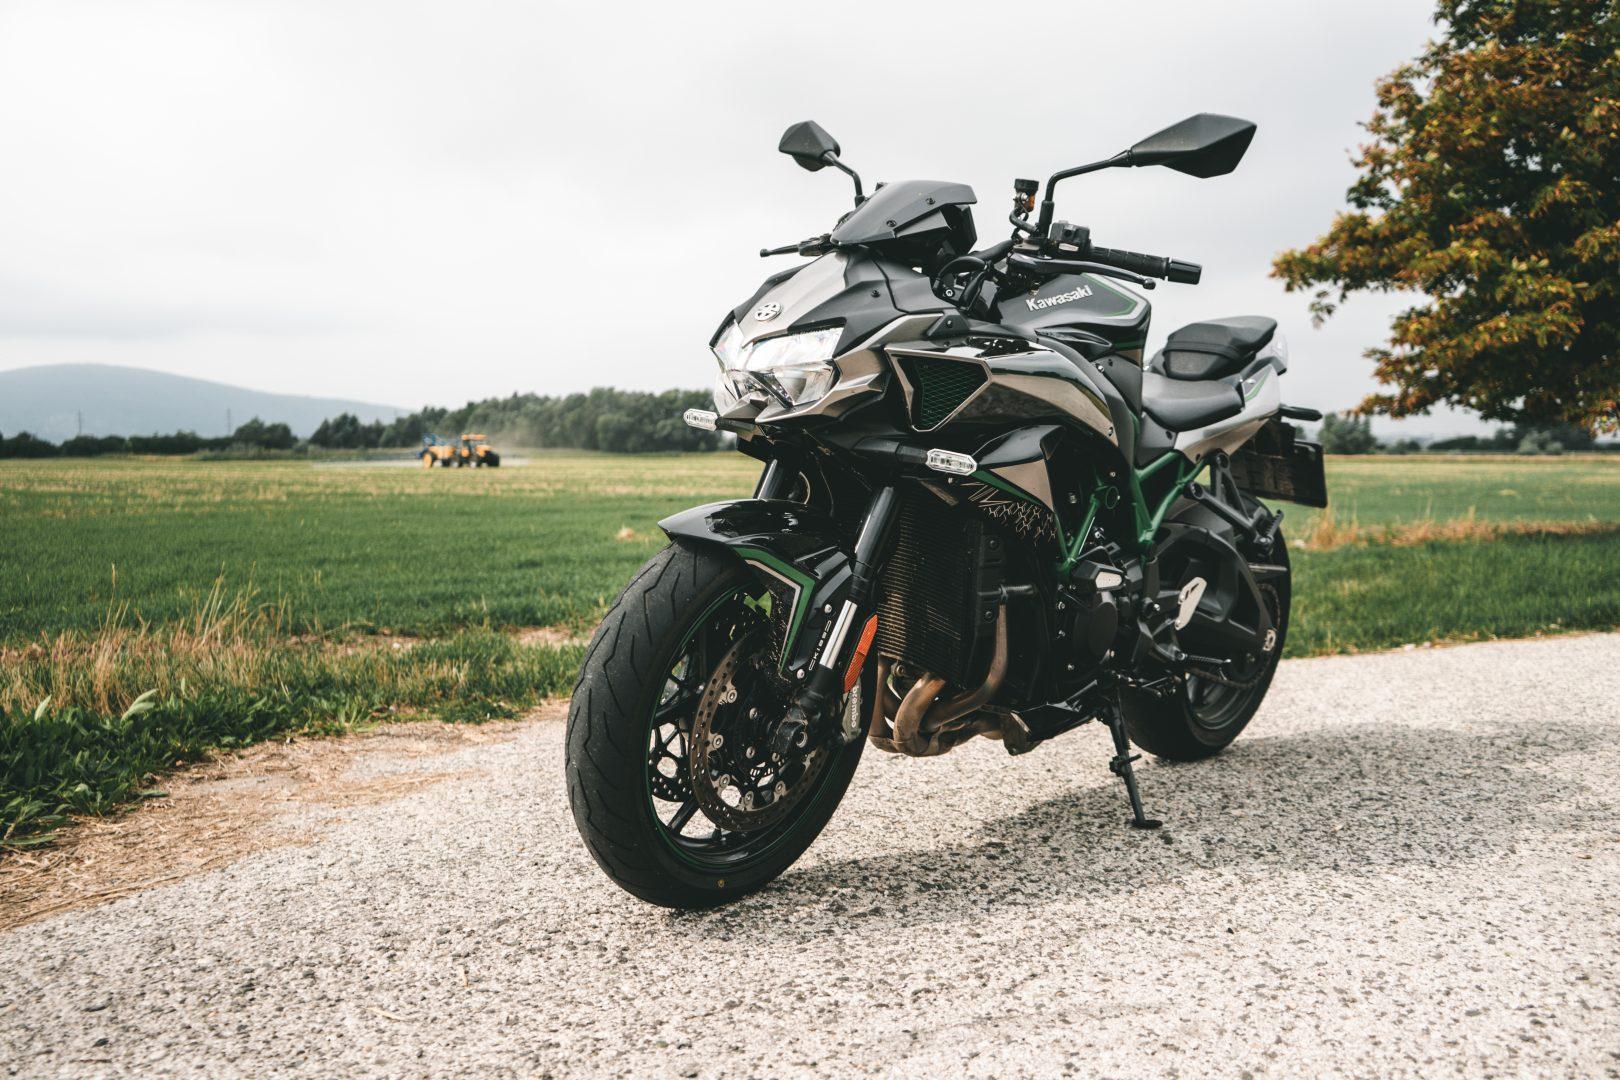 kawasaki z h2 test motorky motocyklov motoriek kompresor turbo prelpňovaný kompresorom naked compressor testy daniel chovanec podlahanews